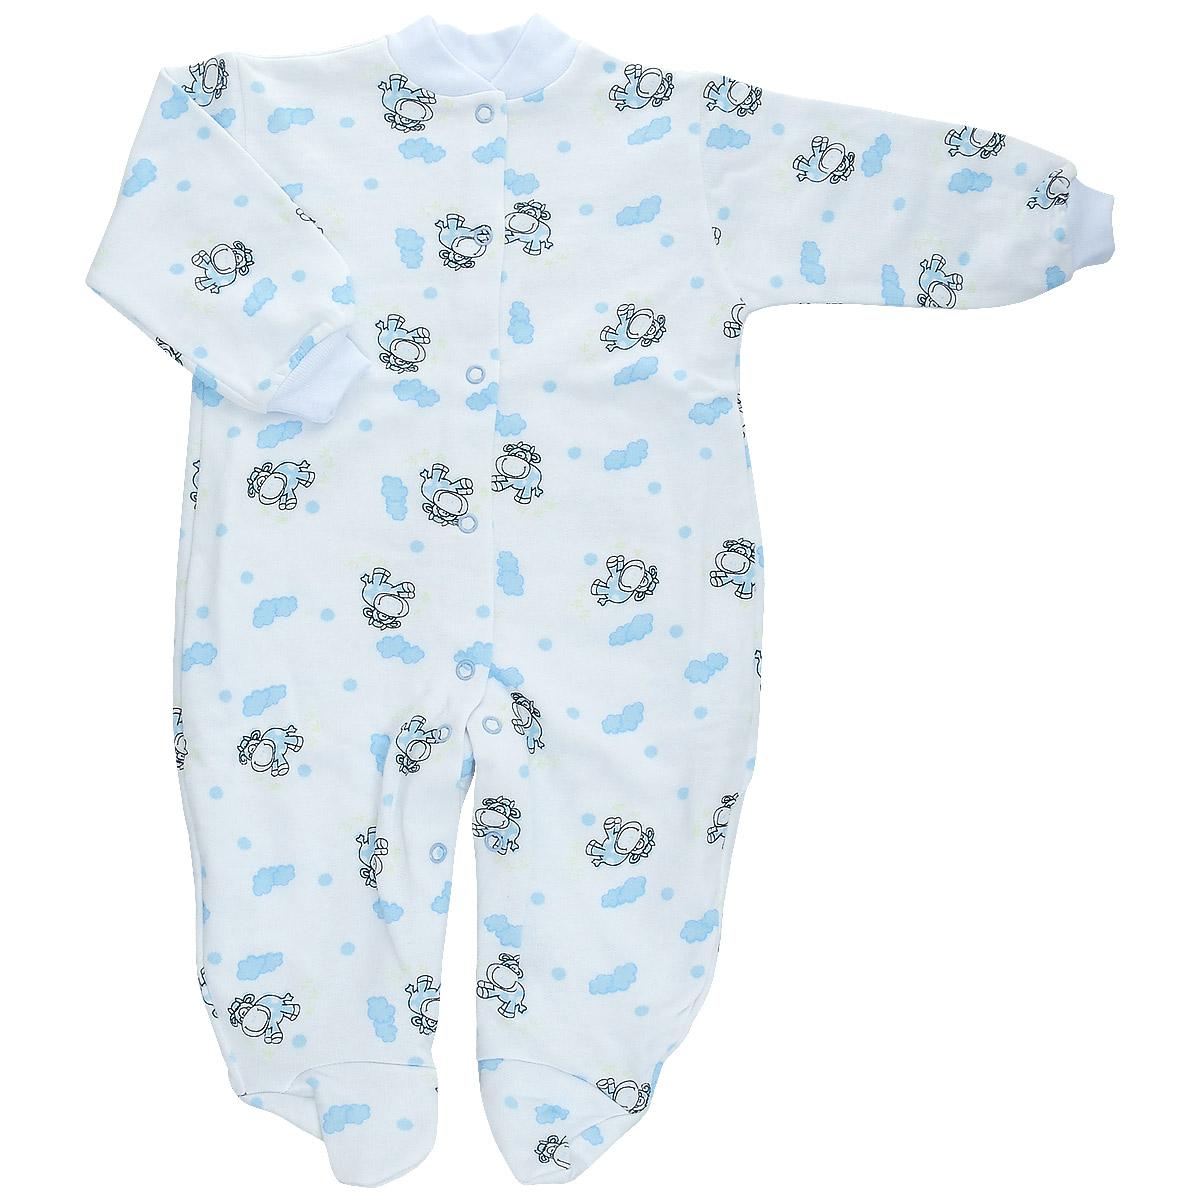 Комбинезон детский Трон-Плюс, цвет: белый, голубой, рисунок коровы. 5821. Размер 74, 9 месяцев